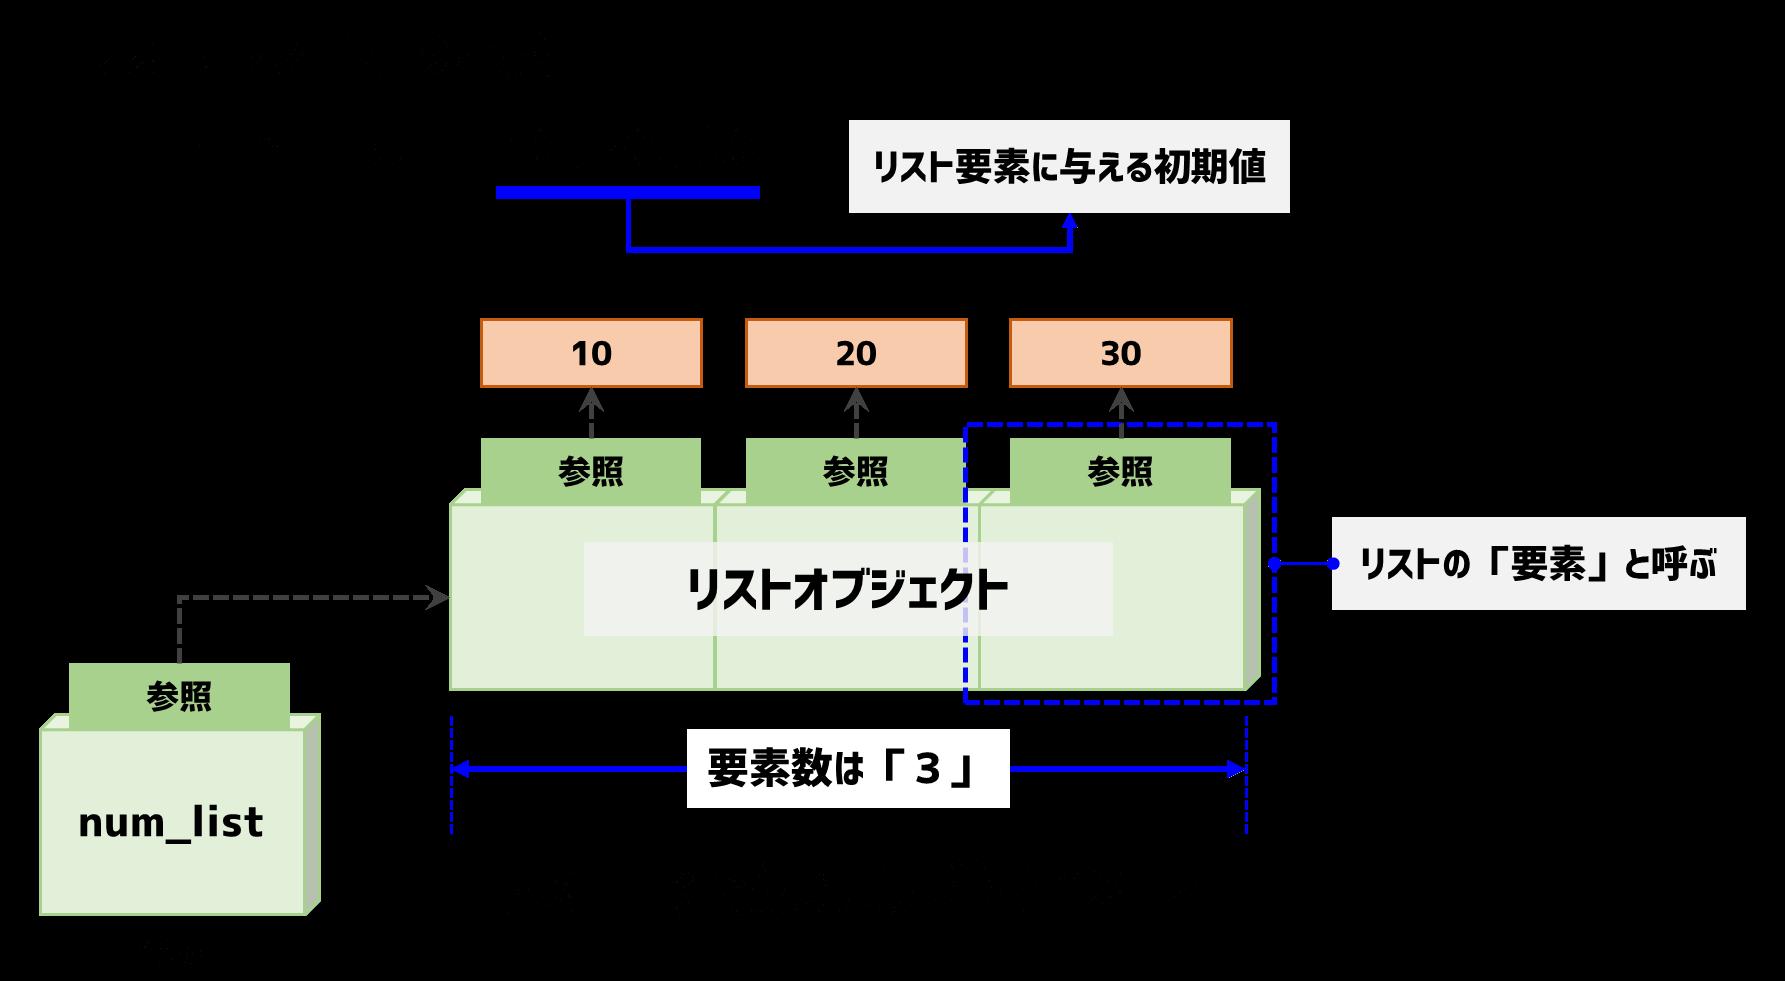 リストオブジェクトの定義